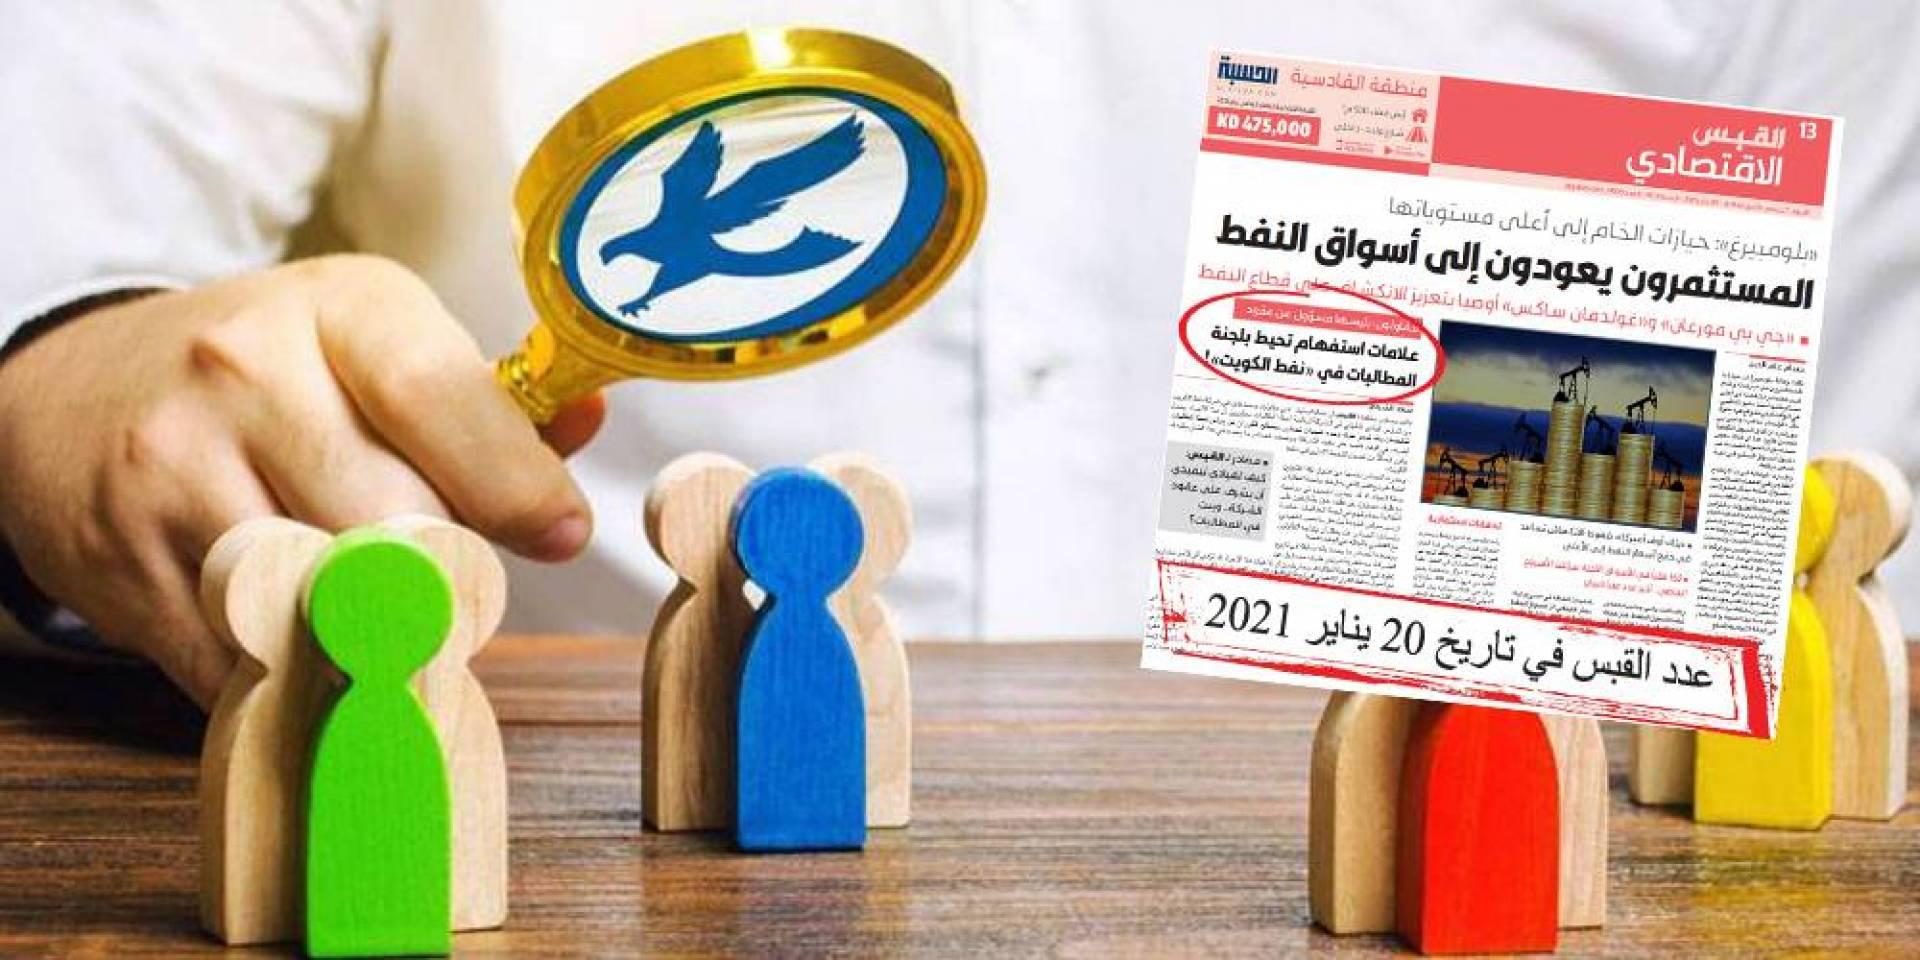 تفاعلاً مع خبر «القبس»: «نفط الكويت» تجري تغييرات إدارية في «لجنة الشراء»